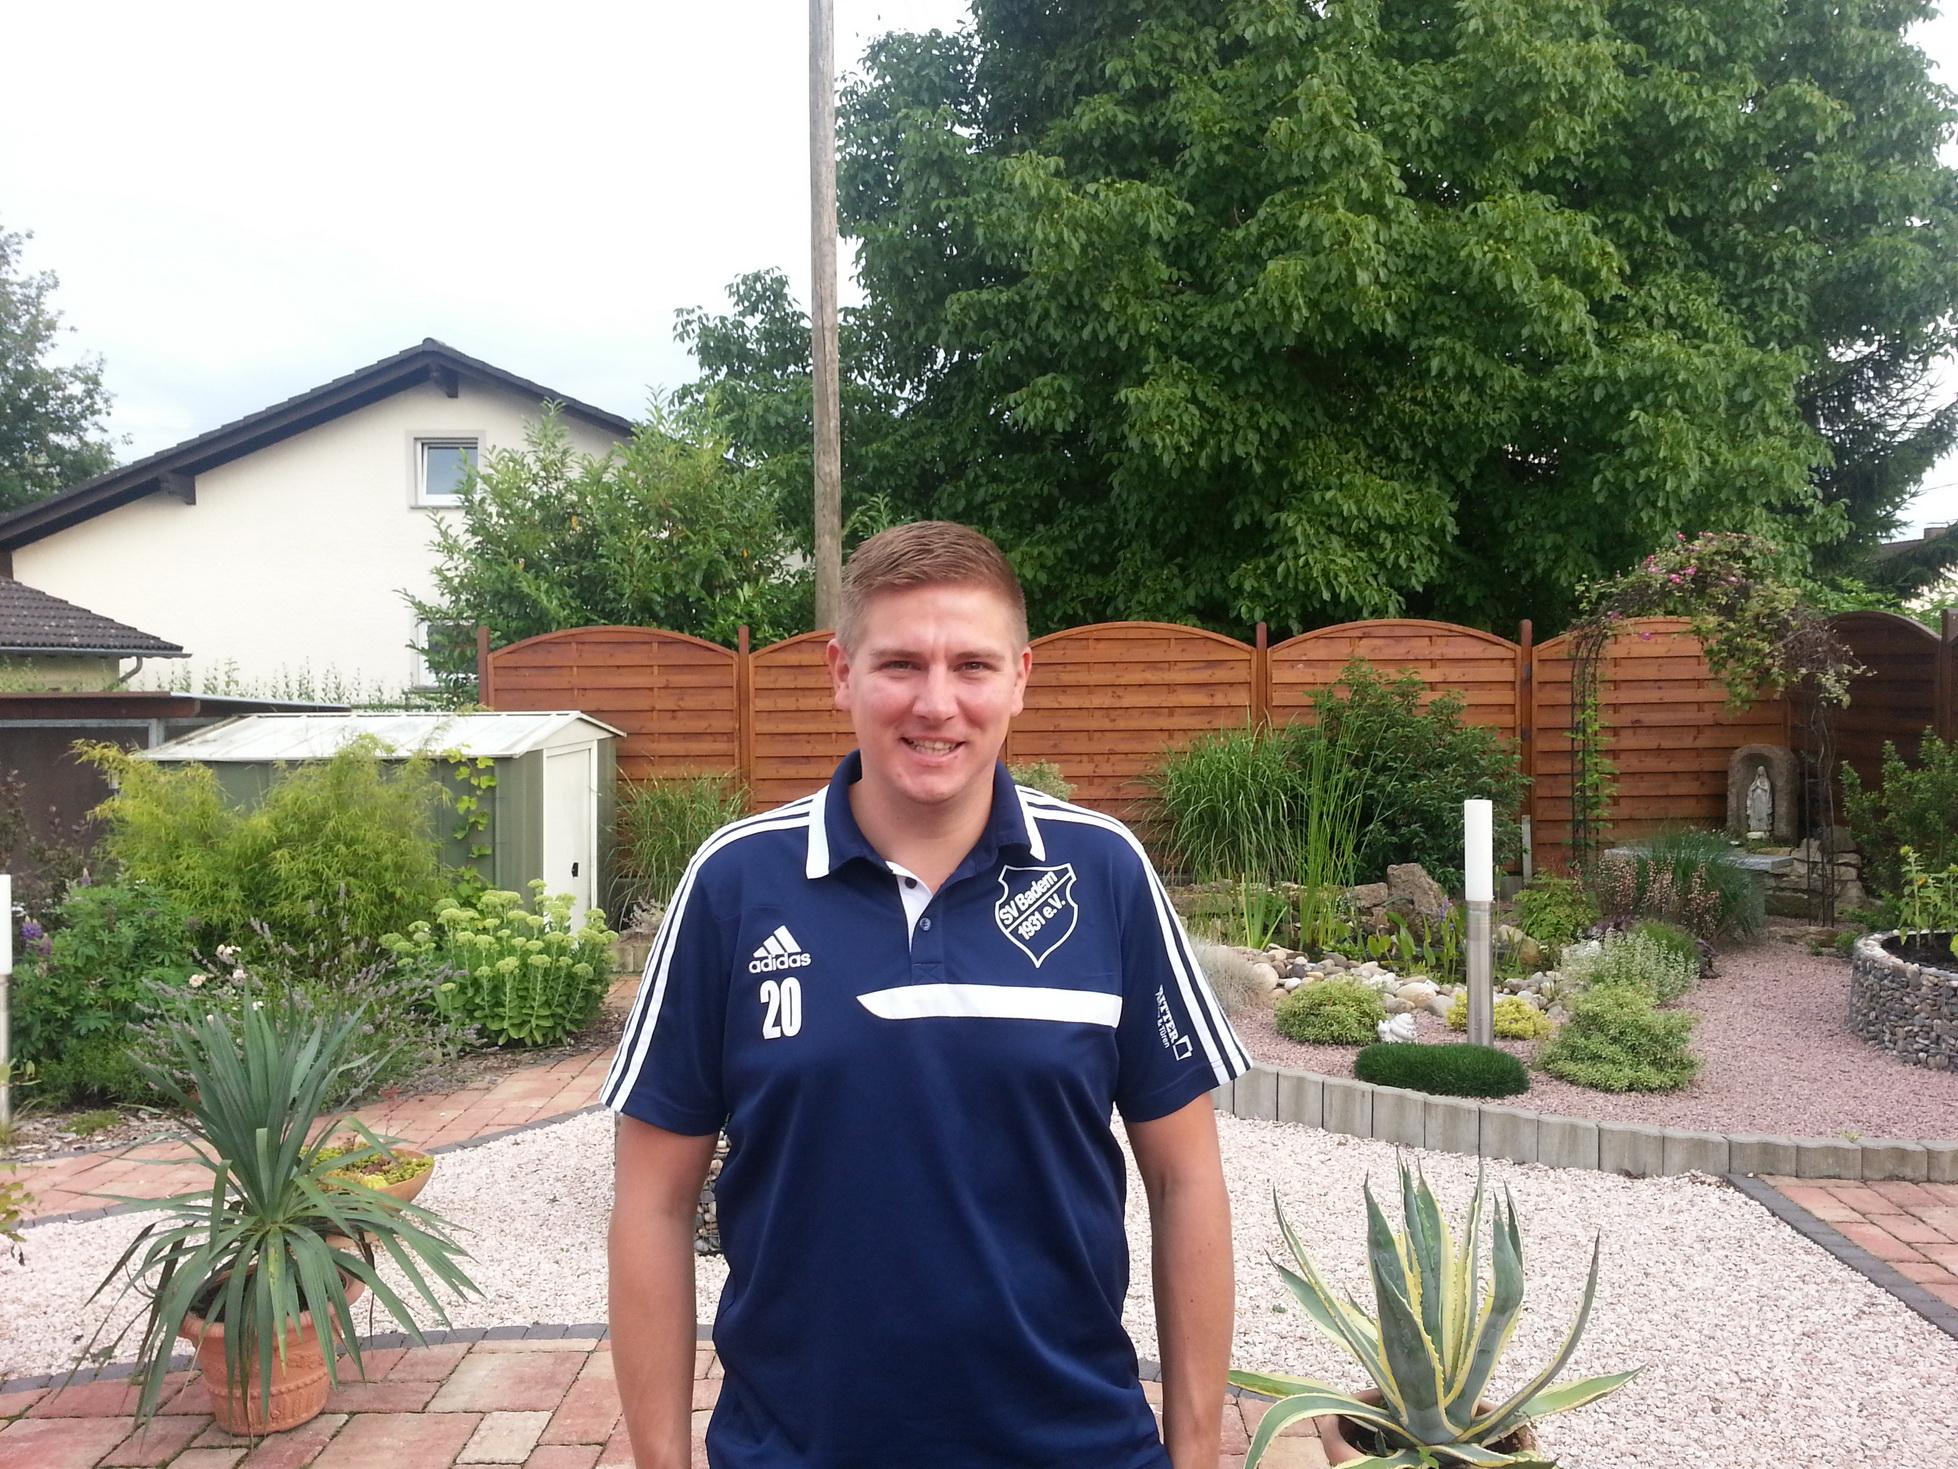 Saisonausblick: Interview mit Marco Meyer, Trainer 3. Mannschaft